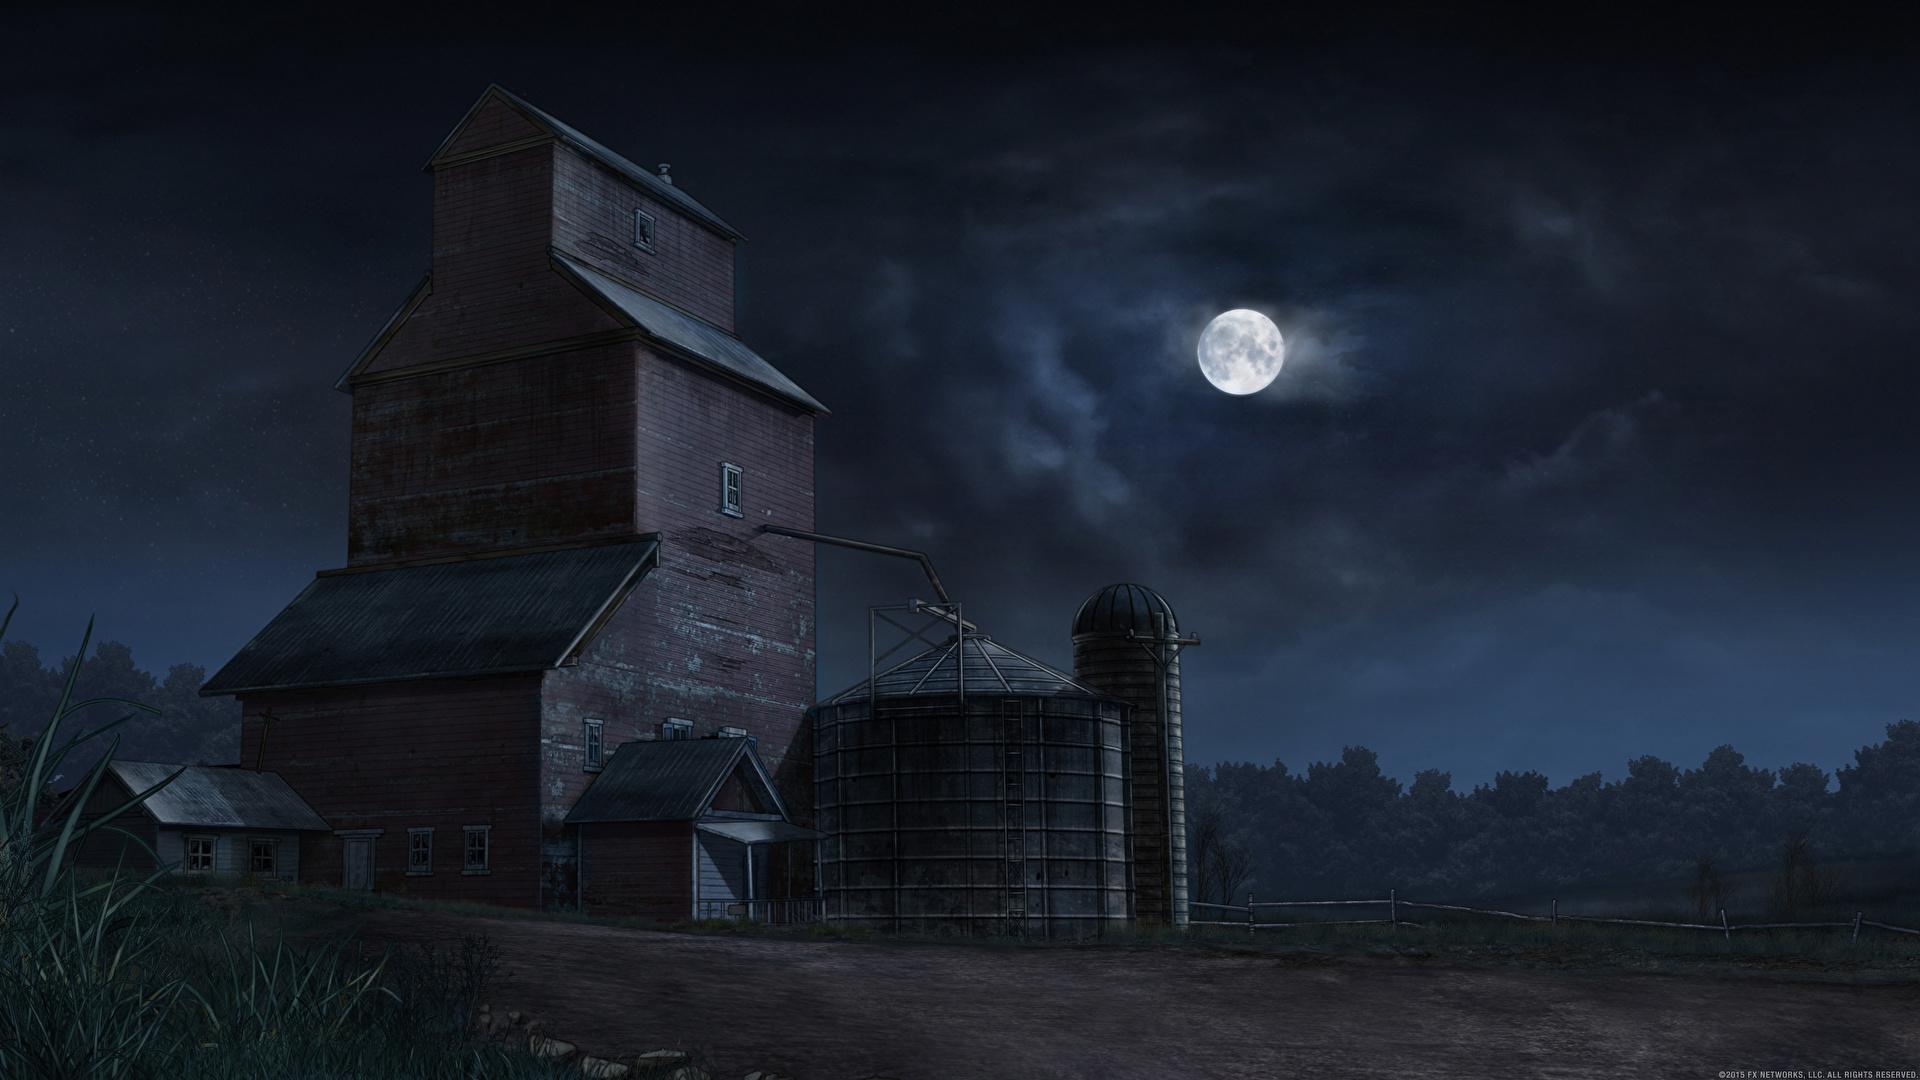 壁紙 19x1080 住宅 描かれた壁紙 夜 月 自然 ダウンロード 写真